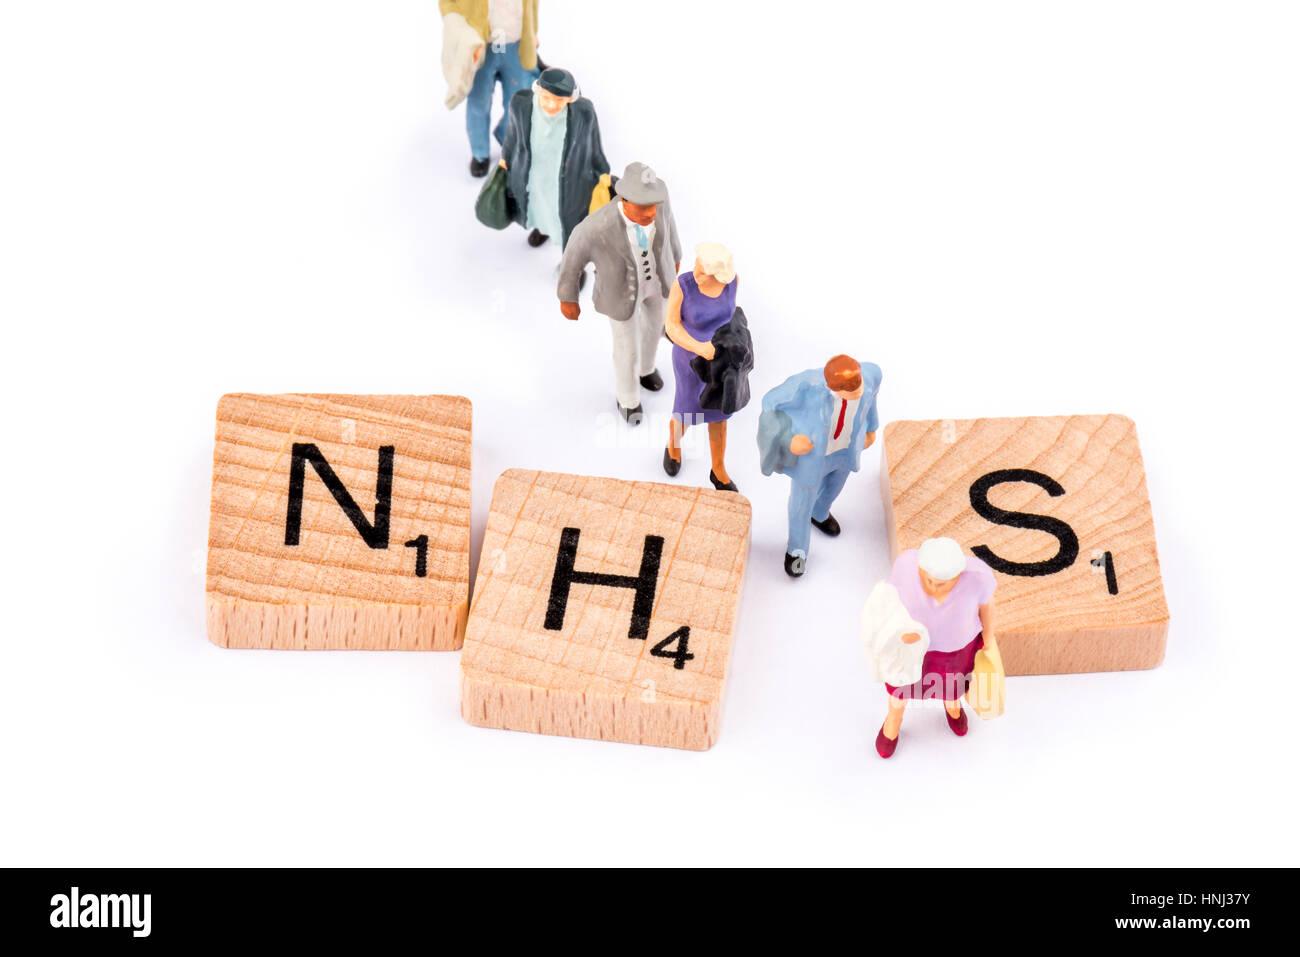 Scrabble letras componen la palabra NHS. Una línea de personas caminan entre las letras H y S. Imagen De Stock